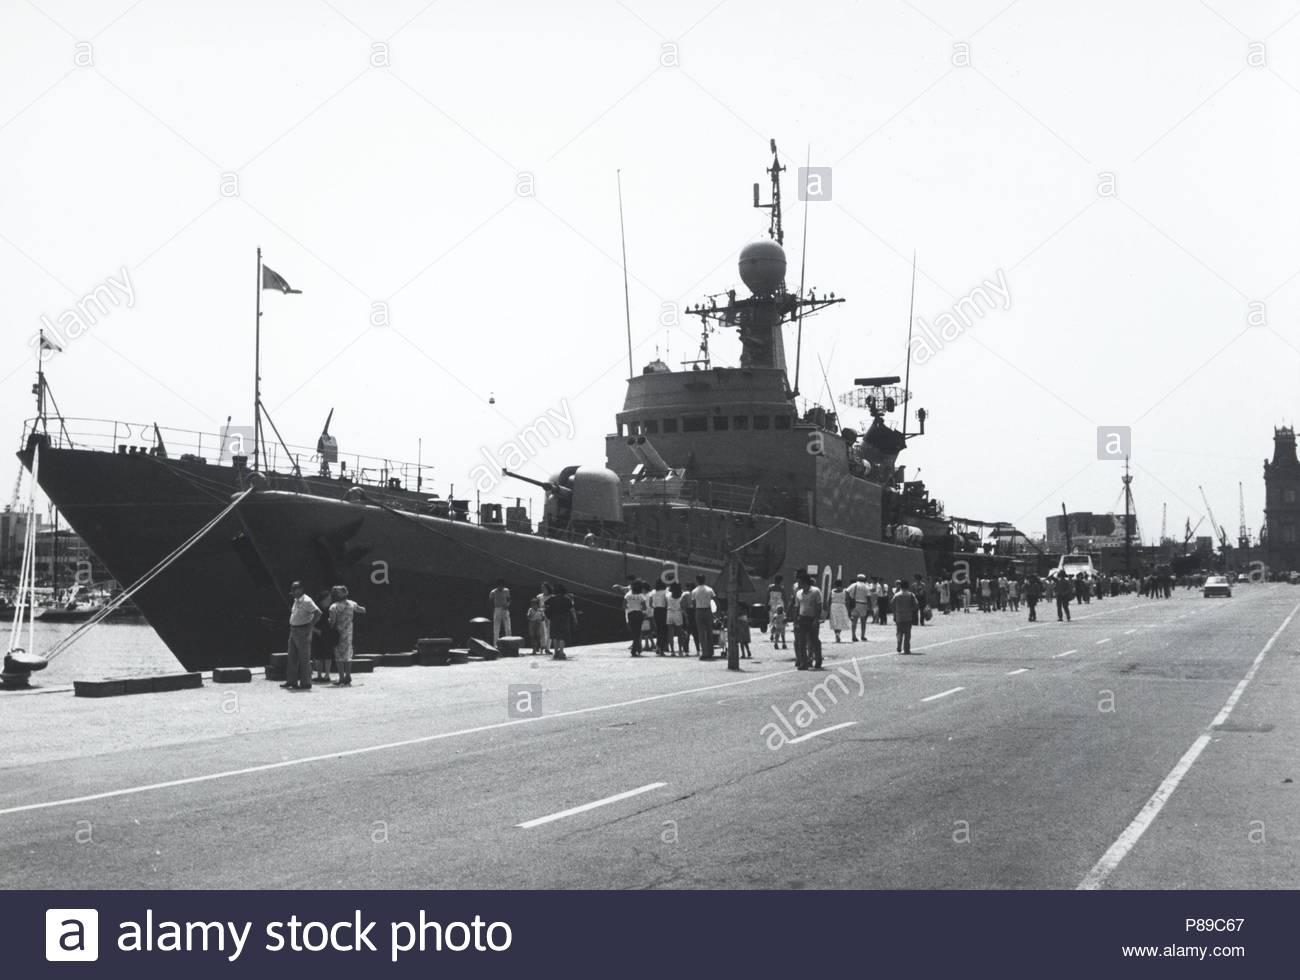 Royal Moroccan Navy Descubierta Frigate / Patrouilleur Océanique Lt Cl Errahmani - Bâtiment École - Page 3 43929535060_0c08365911_o